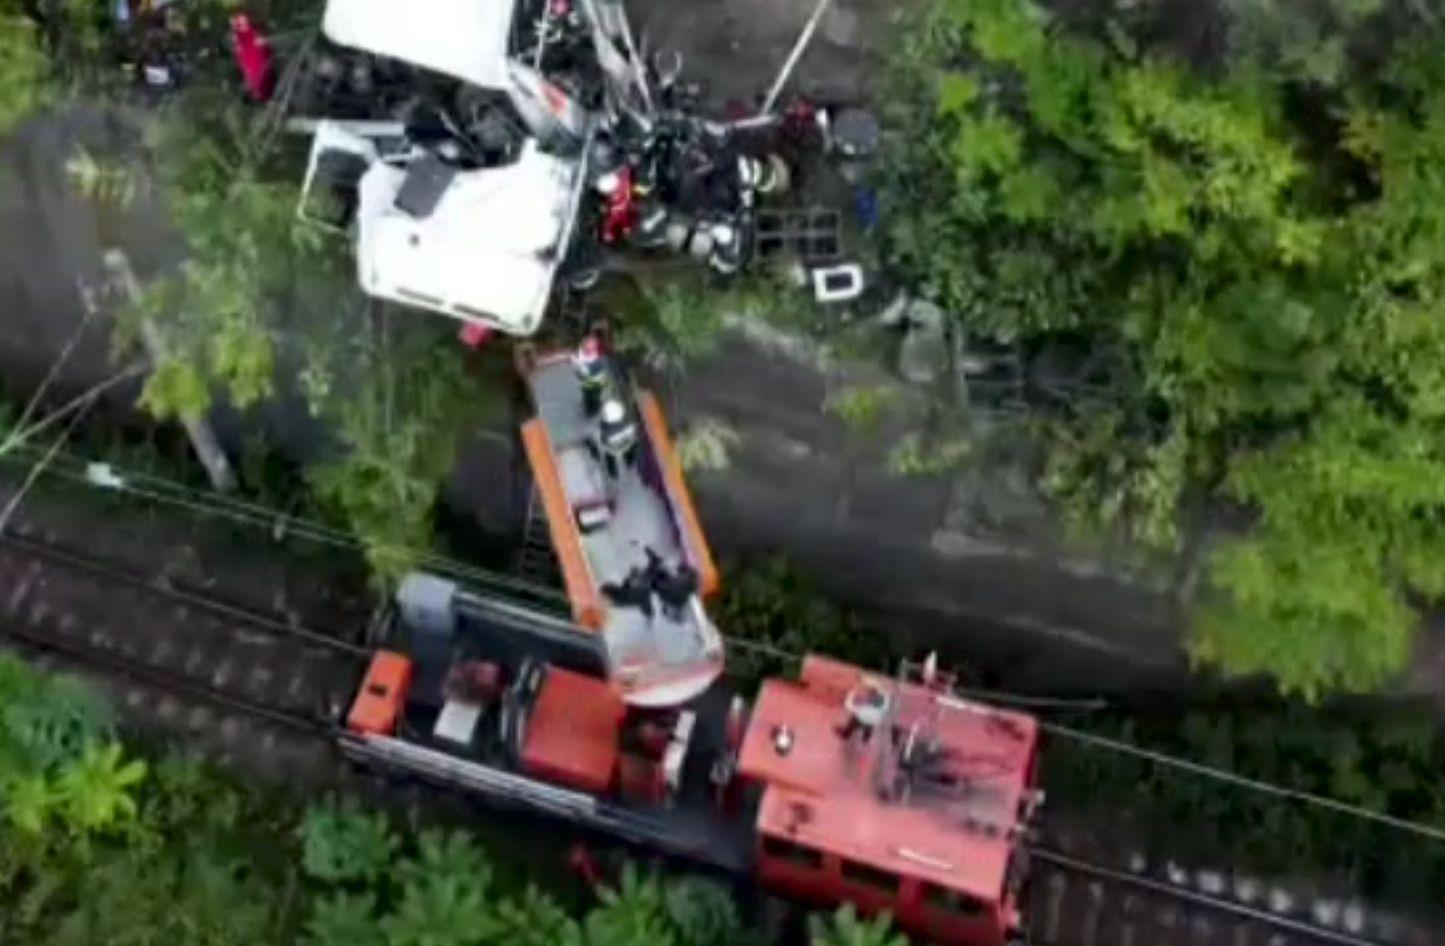 TIR suspendat la zece metri deasupra căii ferate, rămas în echilibru pe margine, la Orșova. Șoferul a avut un noroc uriaș